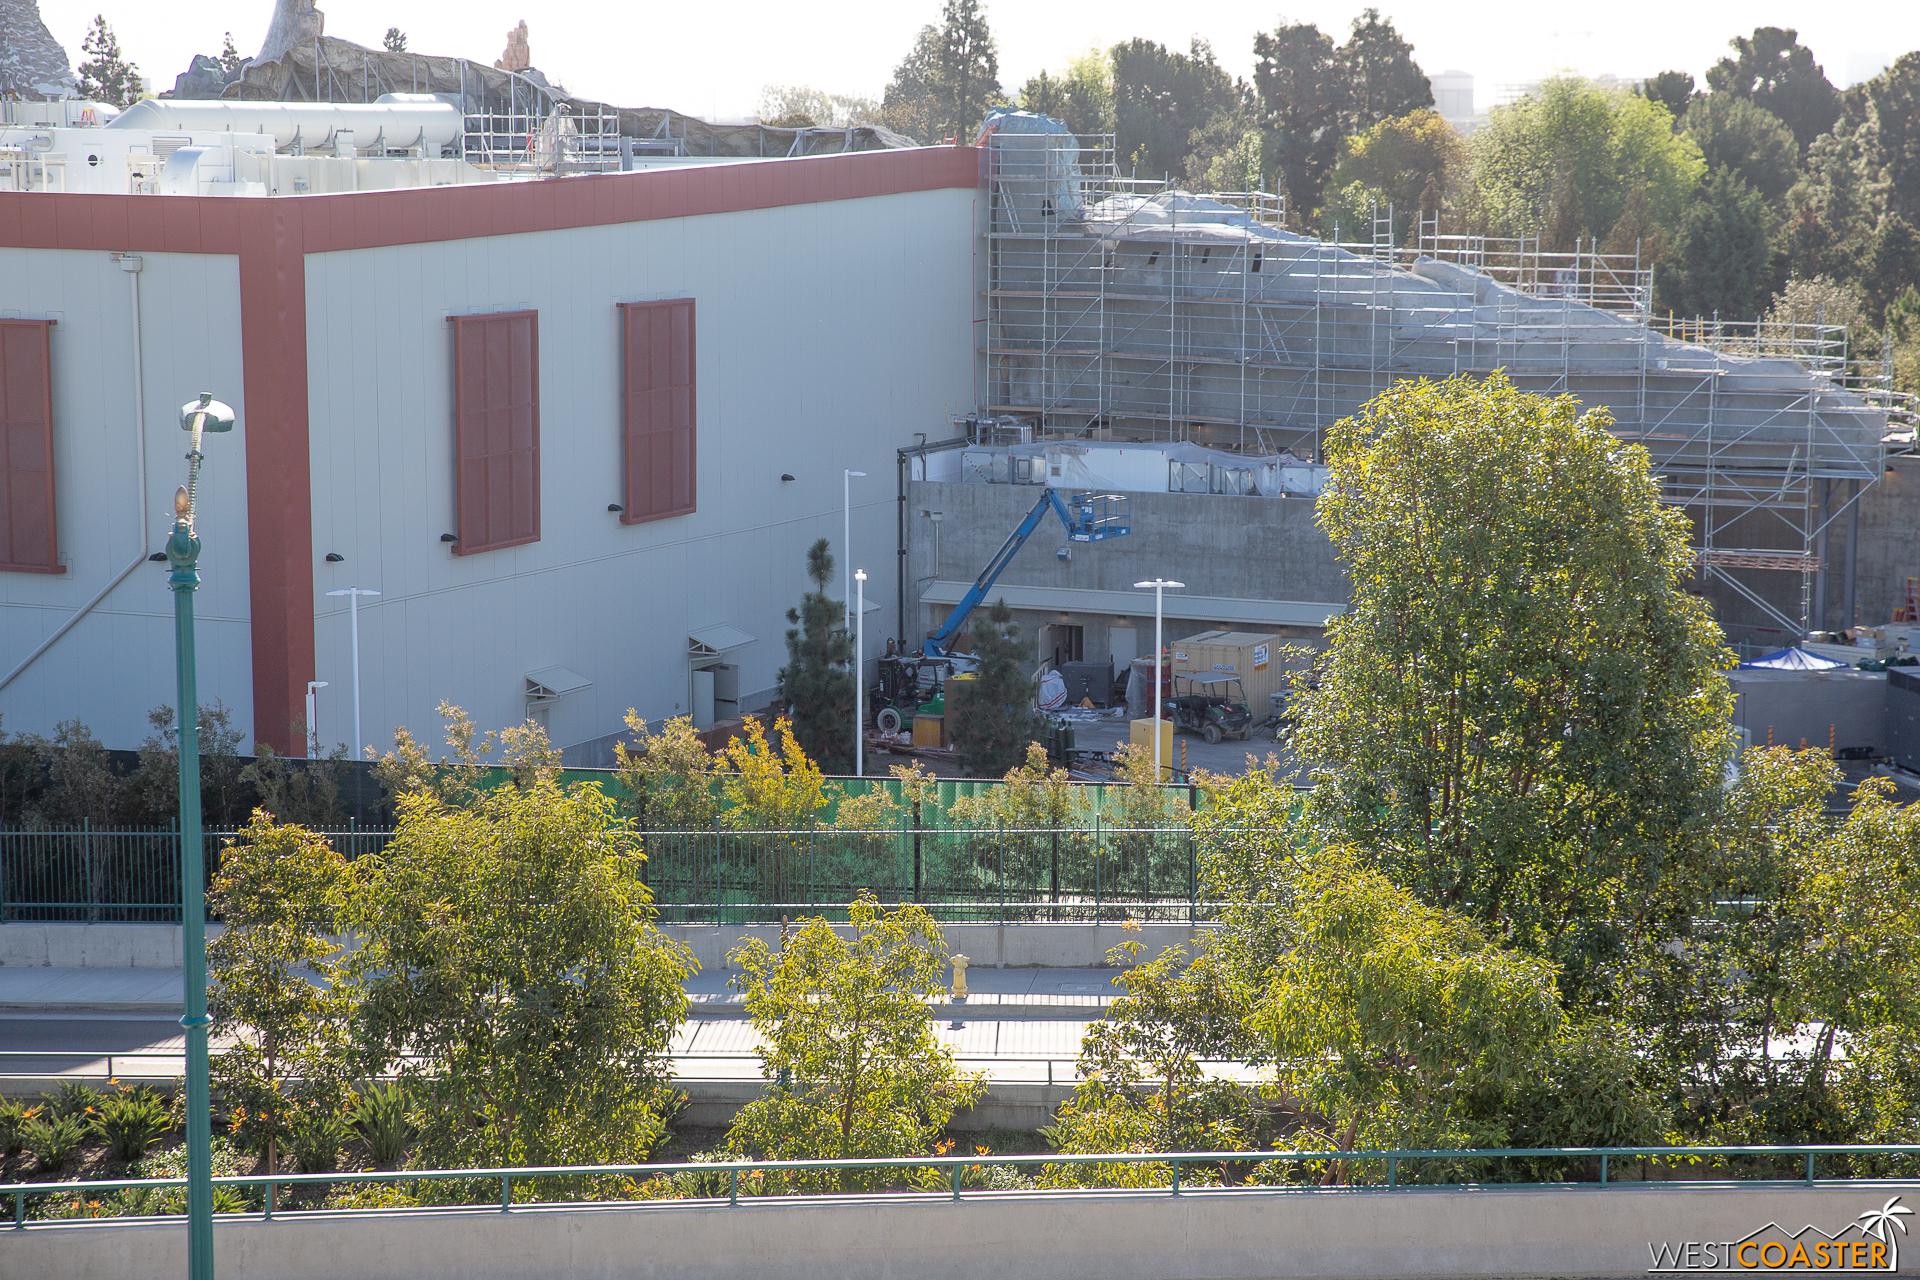 Westcoaster Disneyland Update 2-19-107.jpg